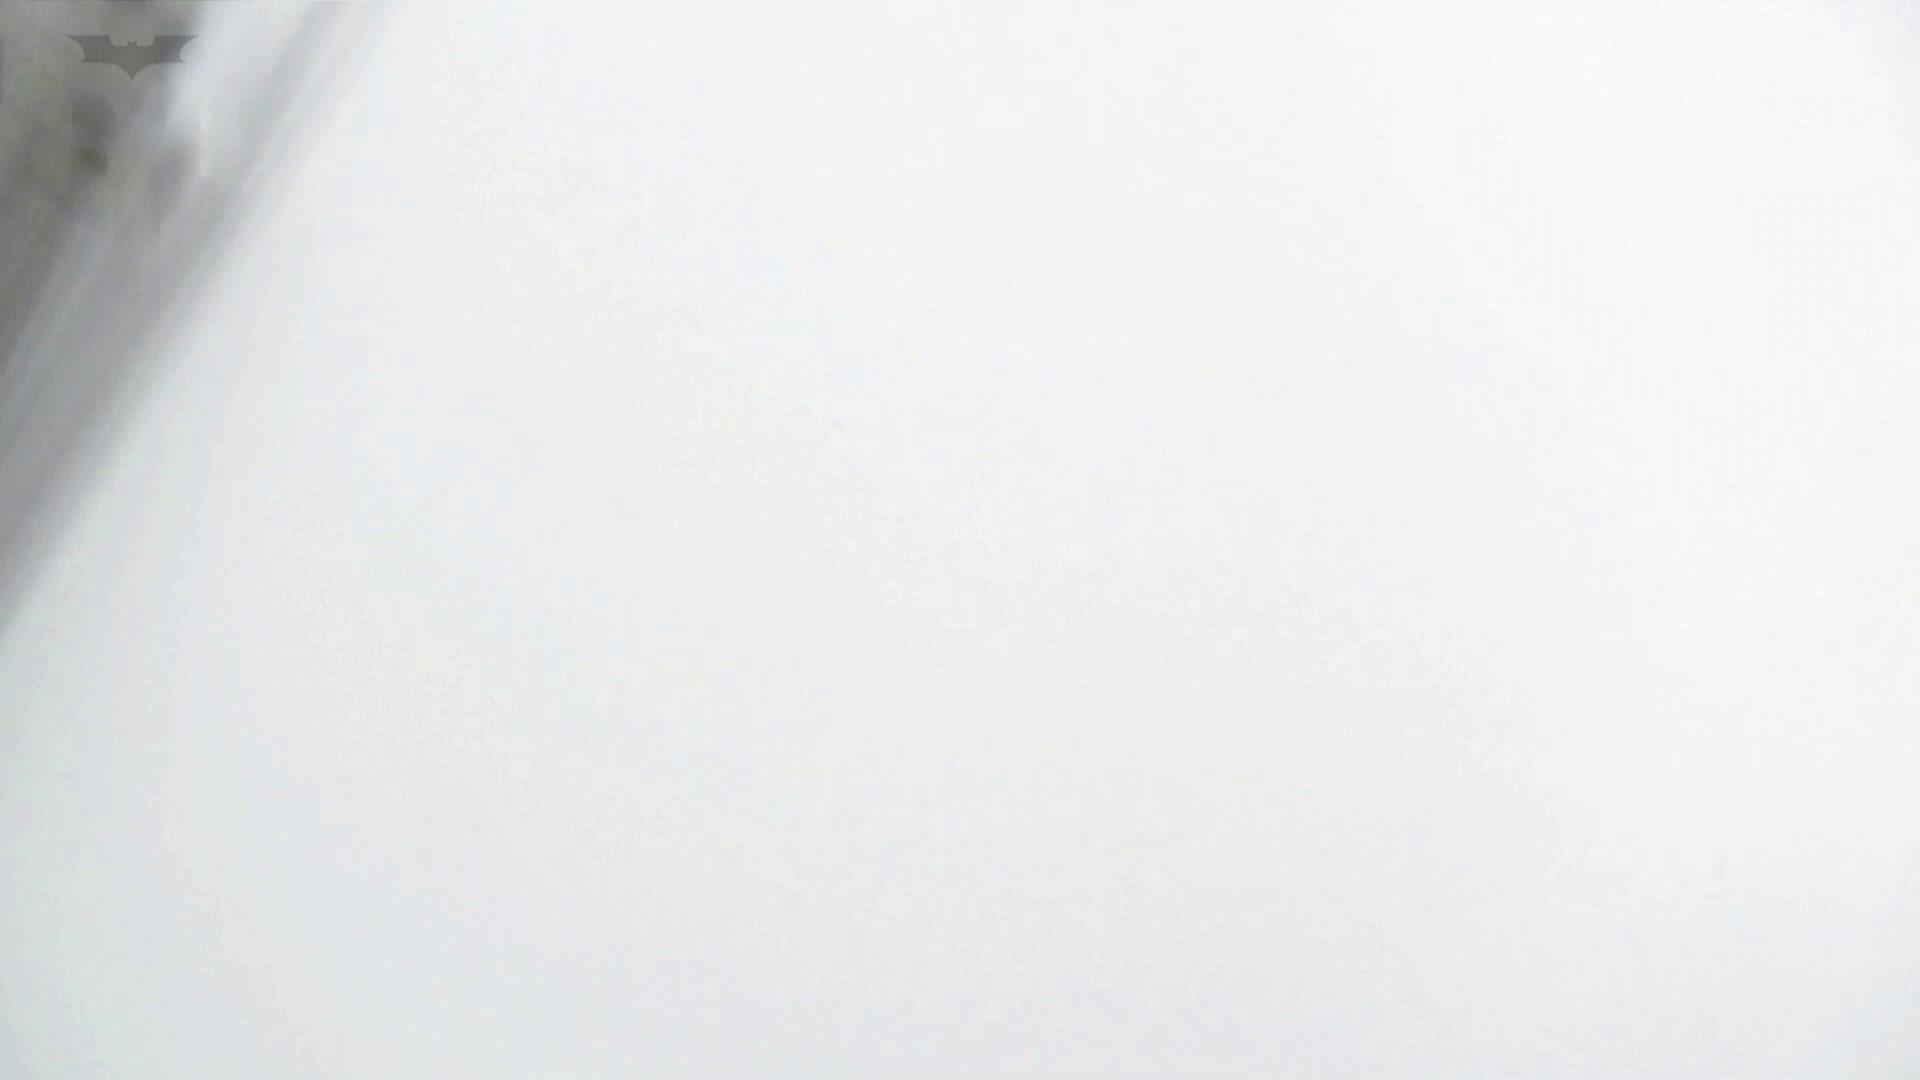 ▲復活限定D▲第三体育館潜入撮File018 夏帆に激似現役の未開発の下を 洗面所のぞき おめこ無修正動画無料 96枚 73